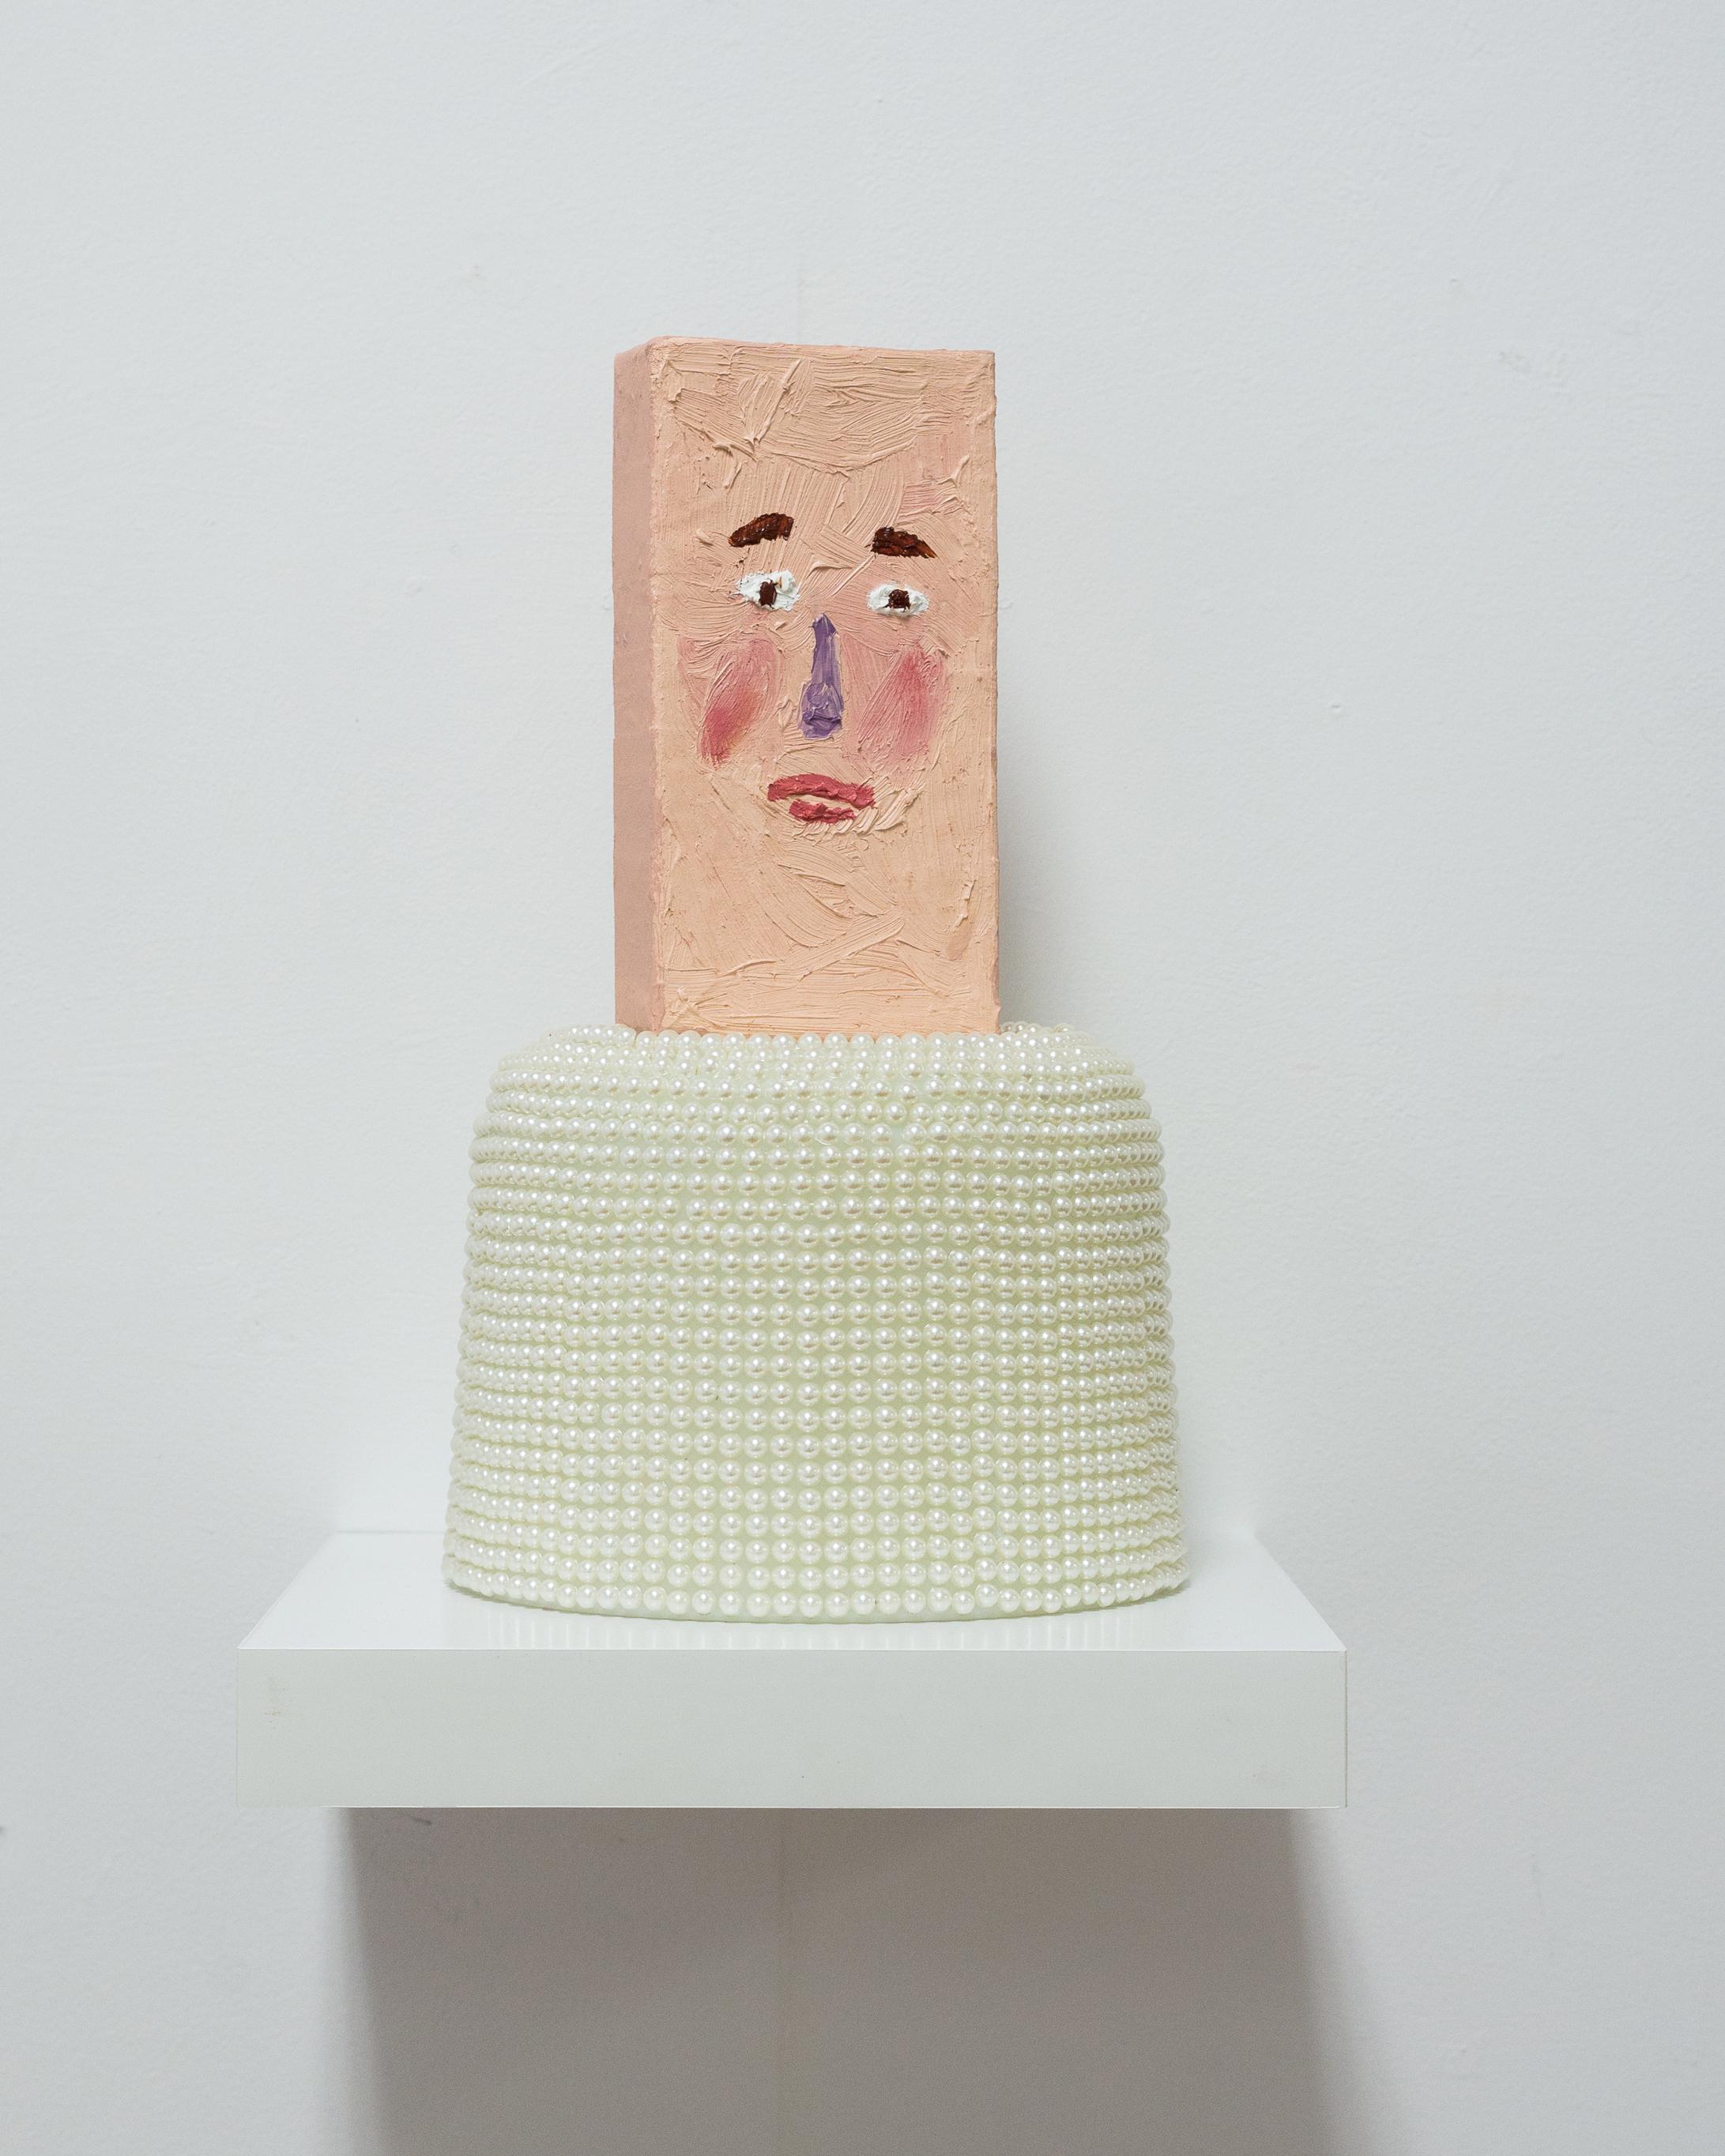 Connor  Glass, plastic pearls, oil on paper mache